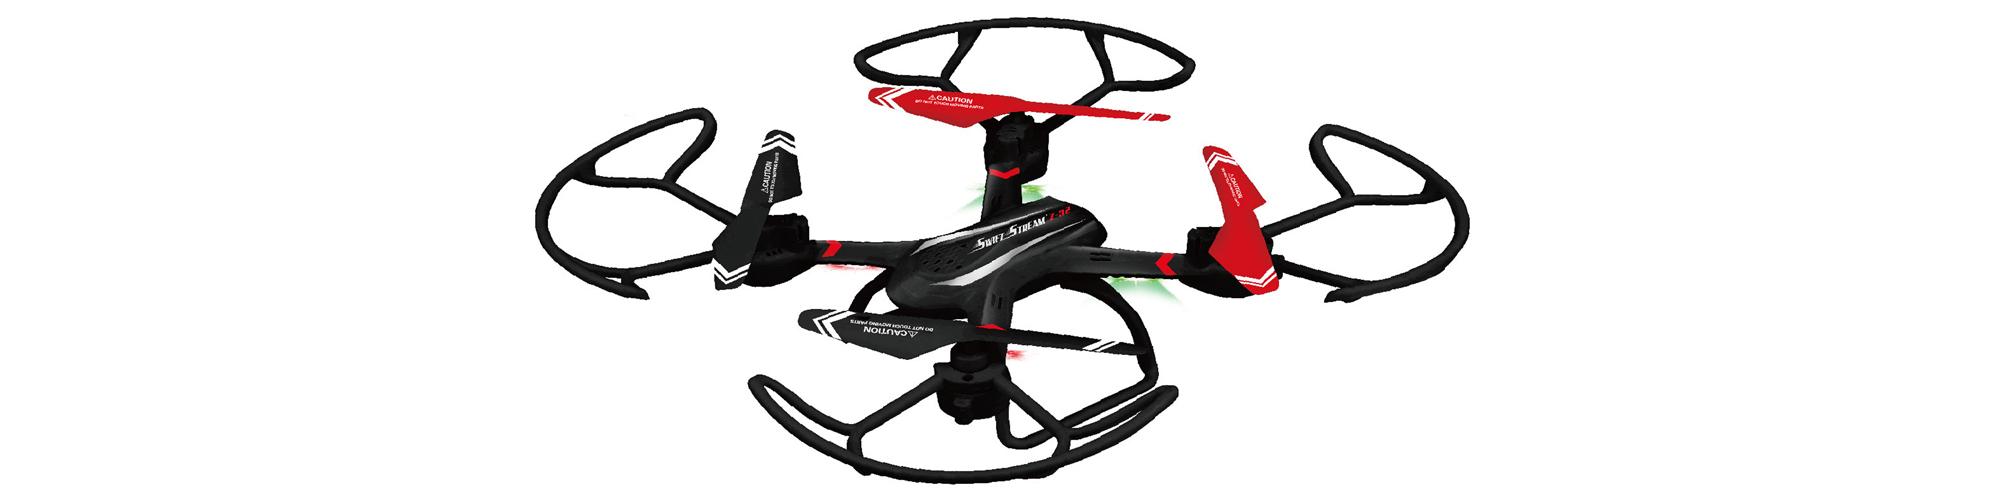 Z-32 Drone